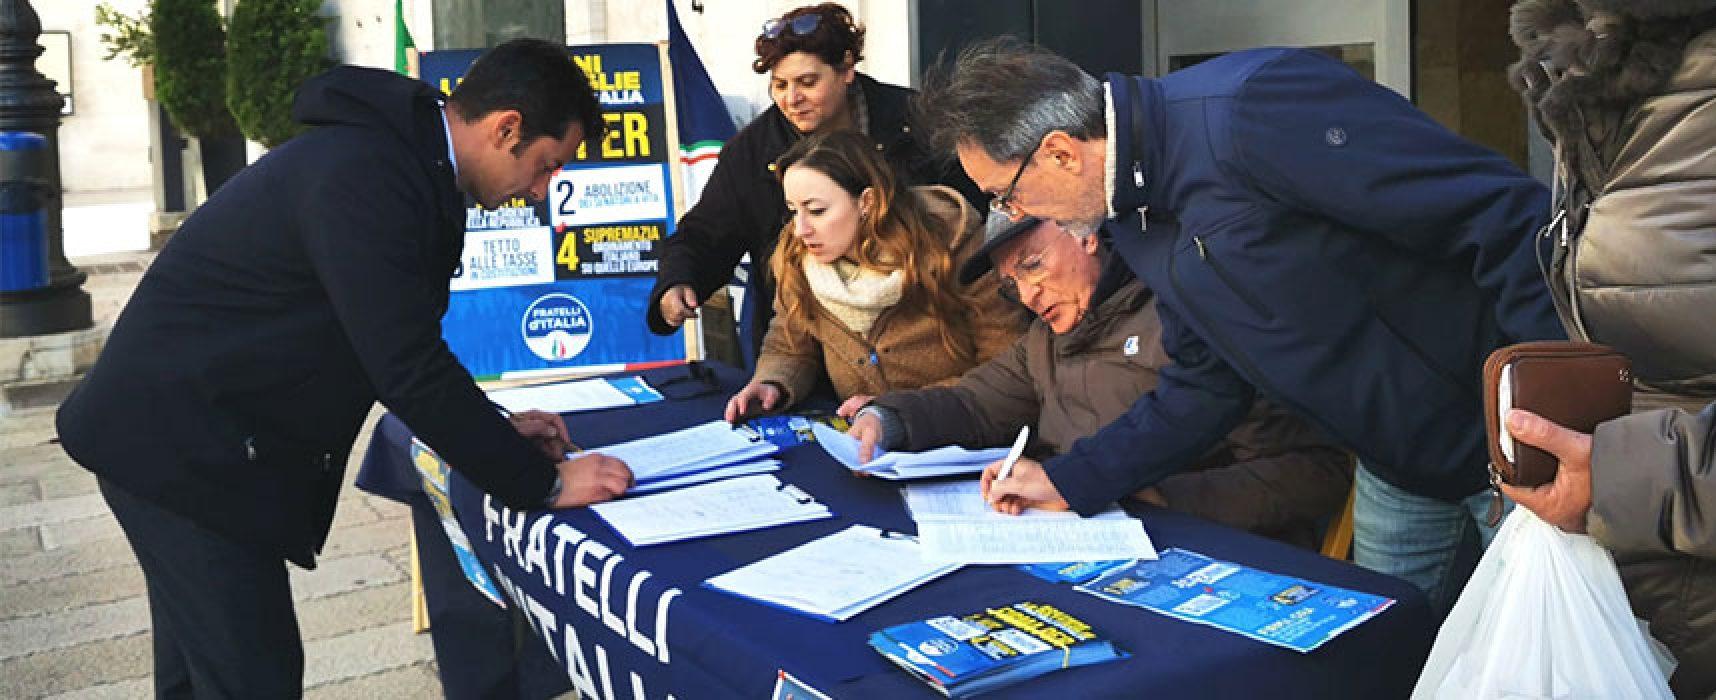 Fratelli d'Italia chiede al sindaco di accogliere istanze per vendita alimentari a mercato settimanale